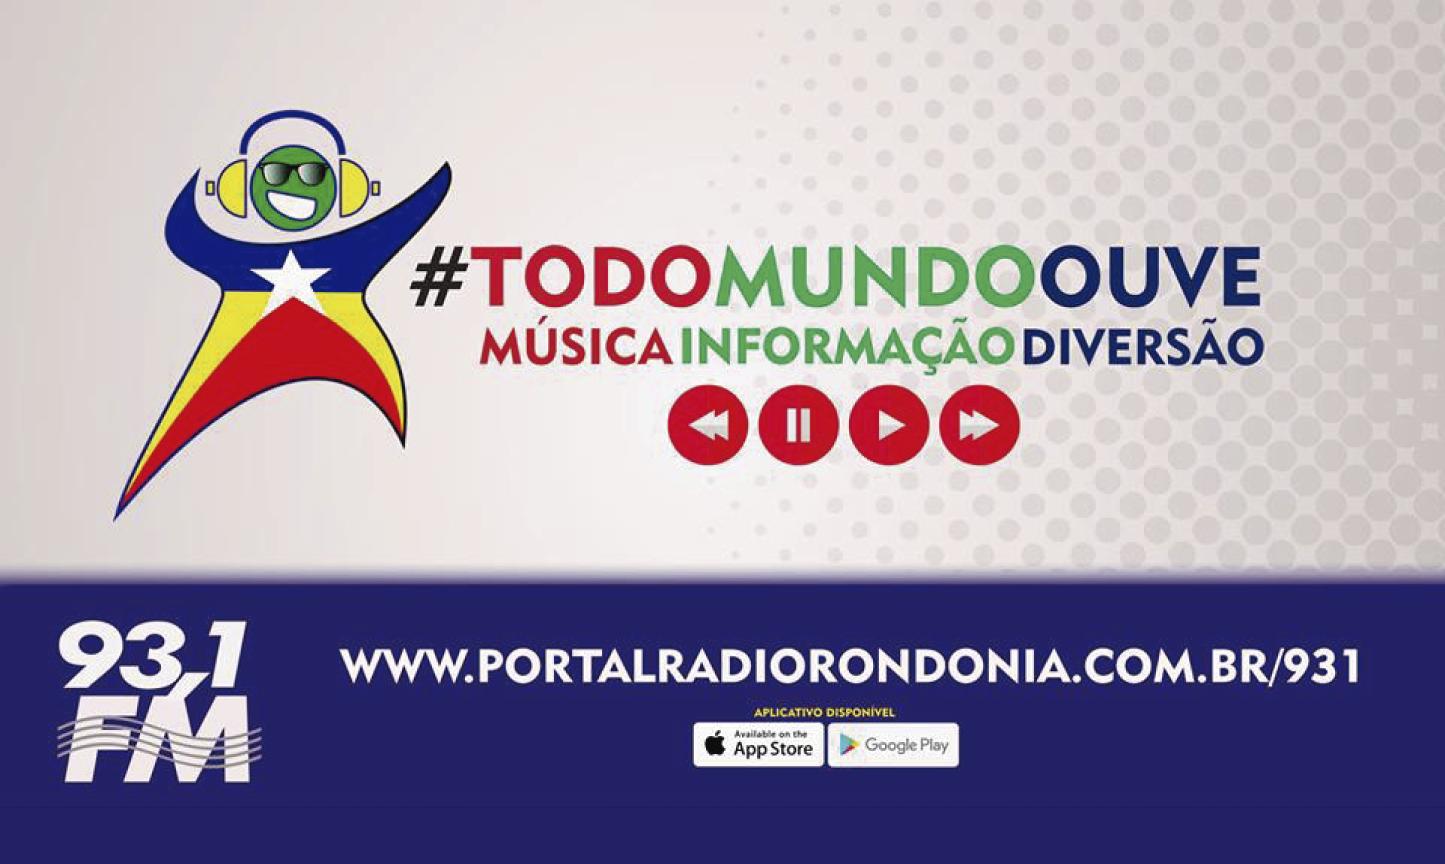 Rádio Rondônia FM (93,1)